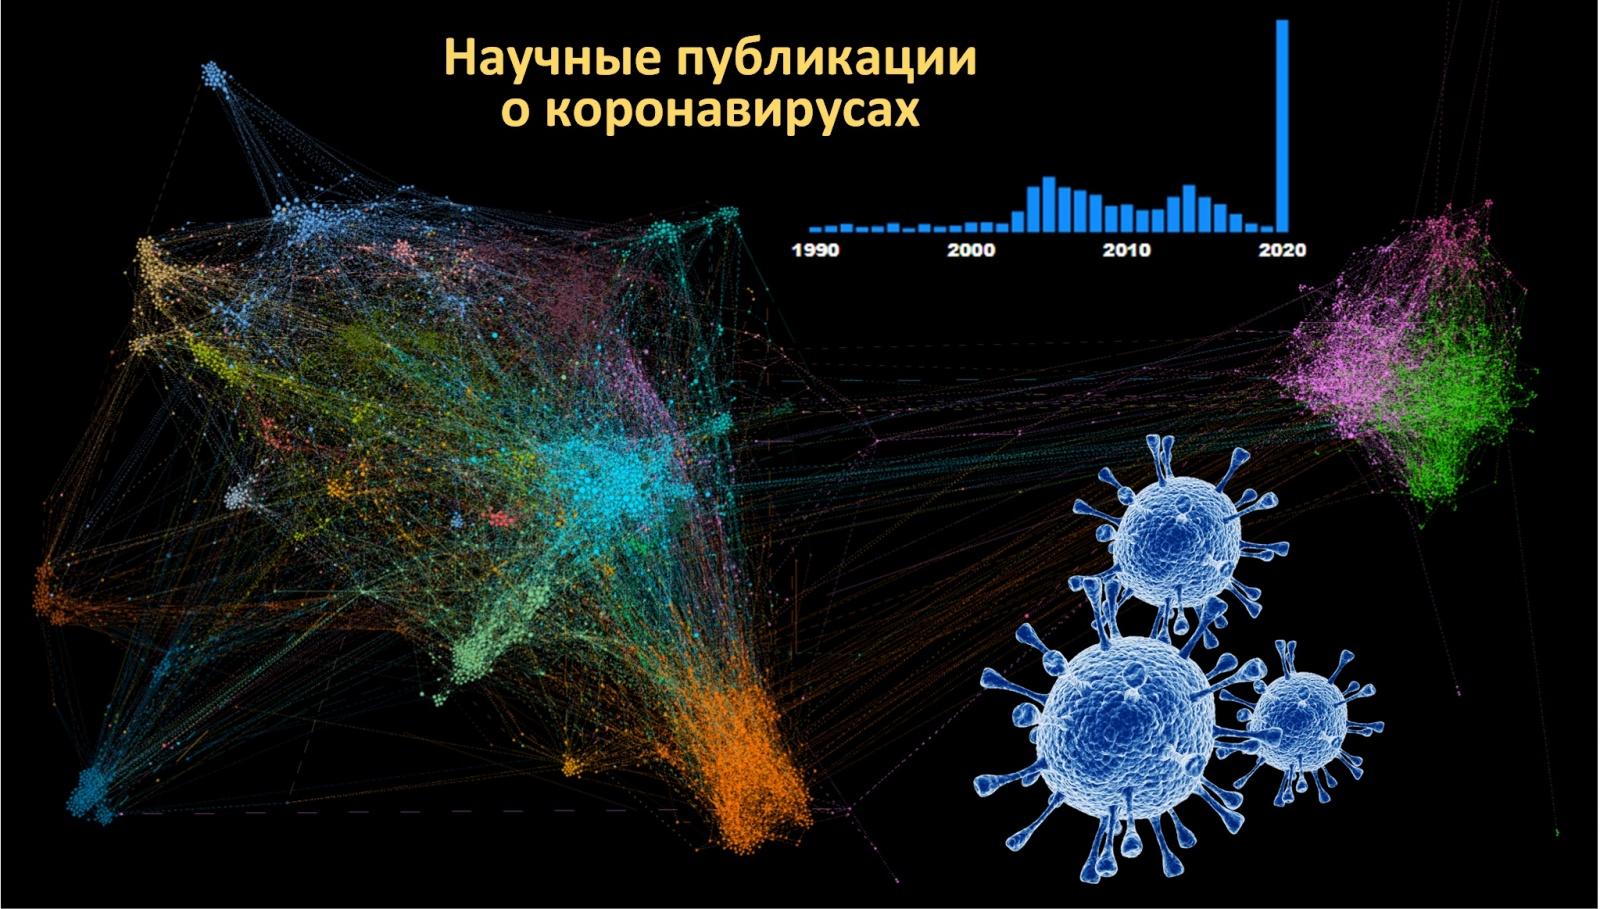 «Пандемия» научных публикаций о COVID-19 - 1